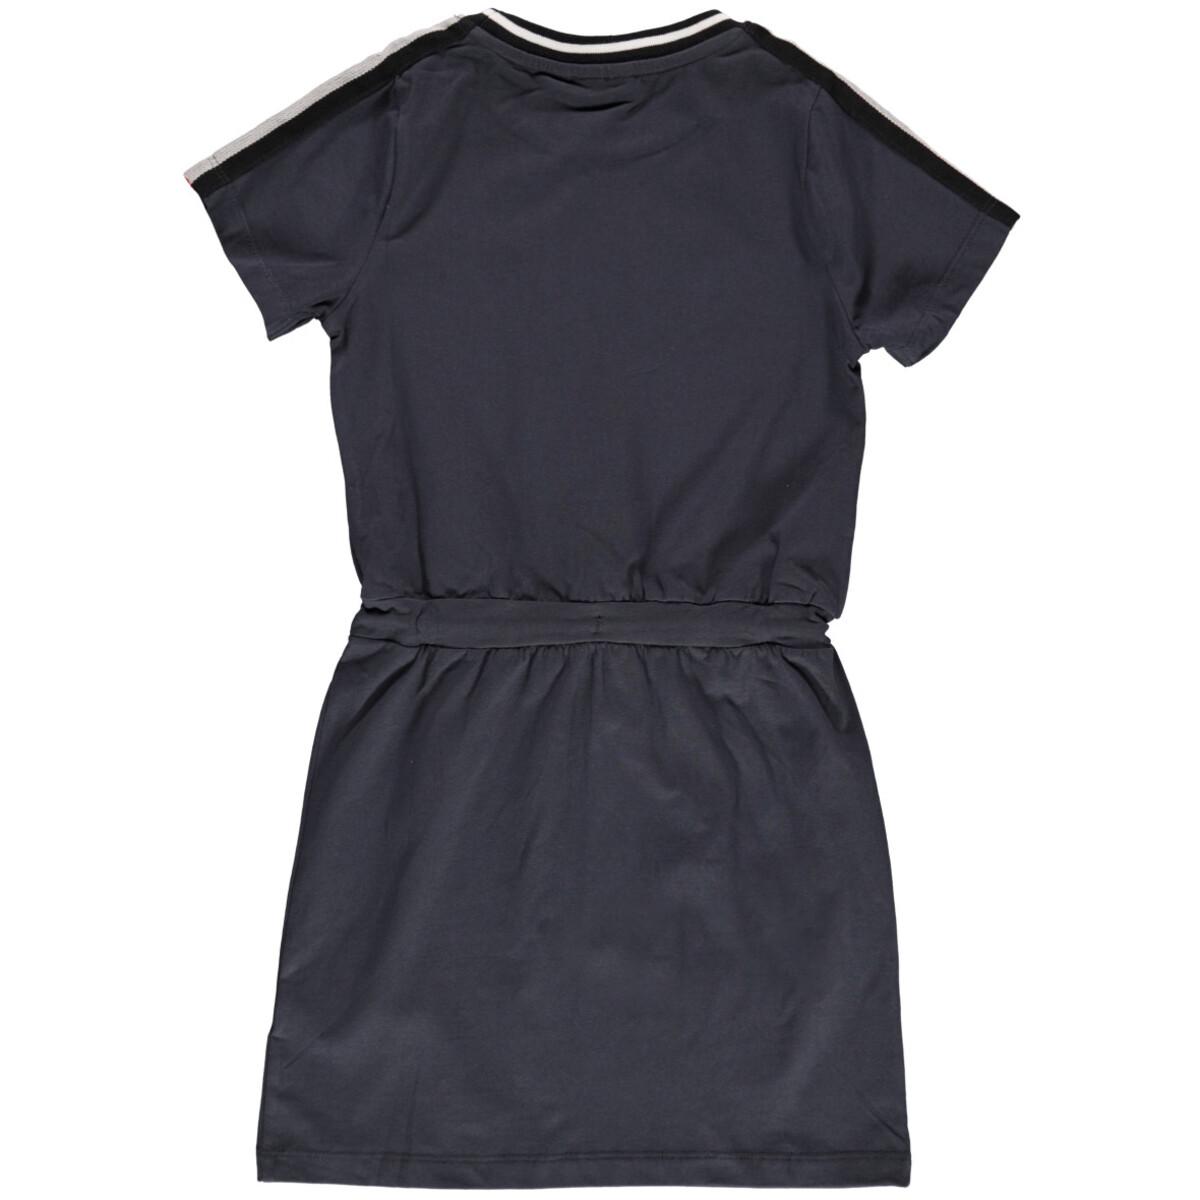 Bild 2 von Mädchen Kleid mit Glitzer-Print